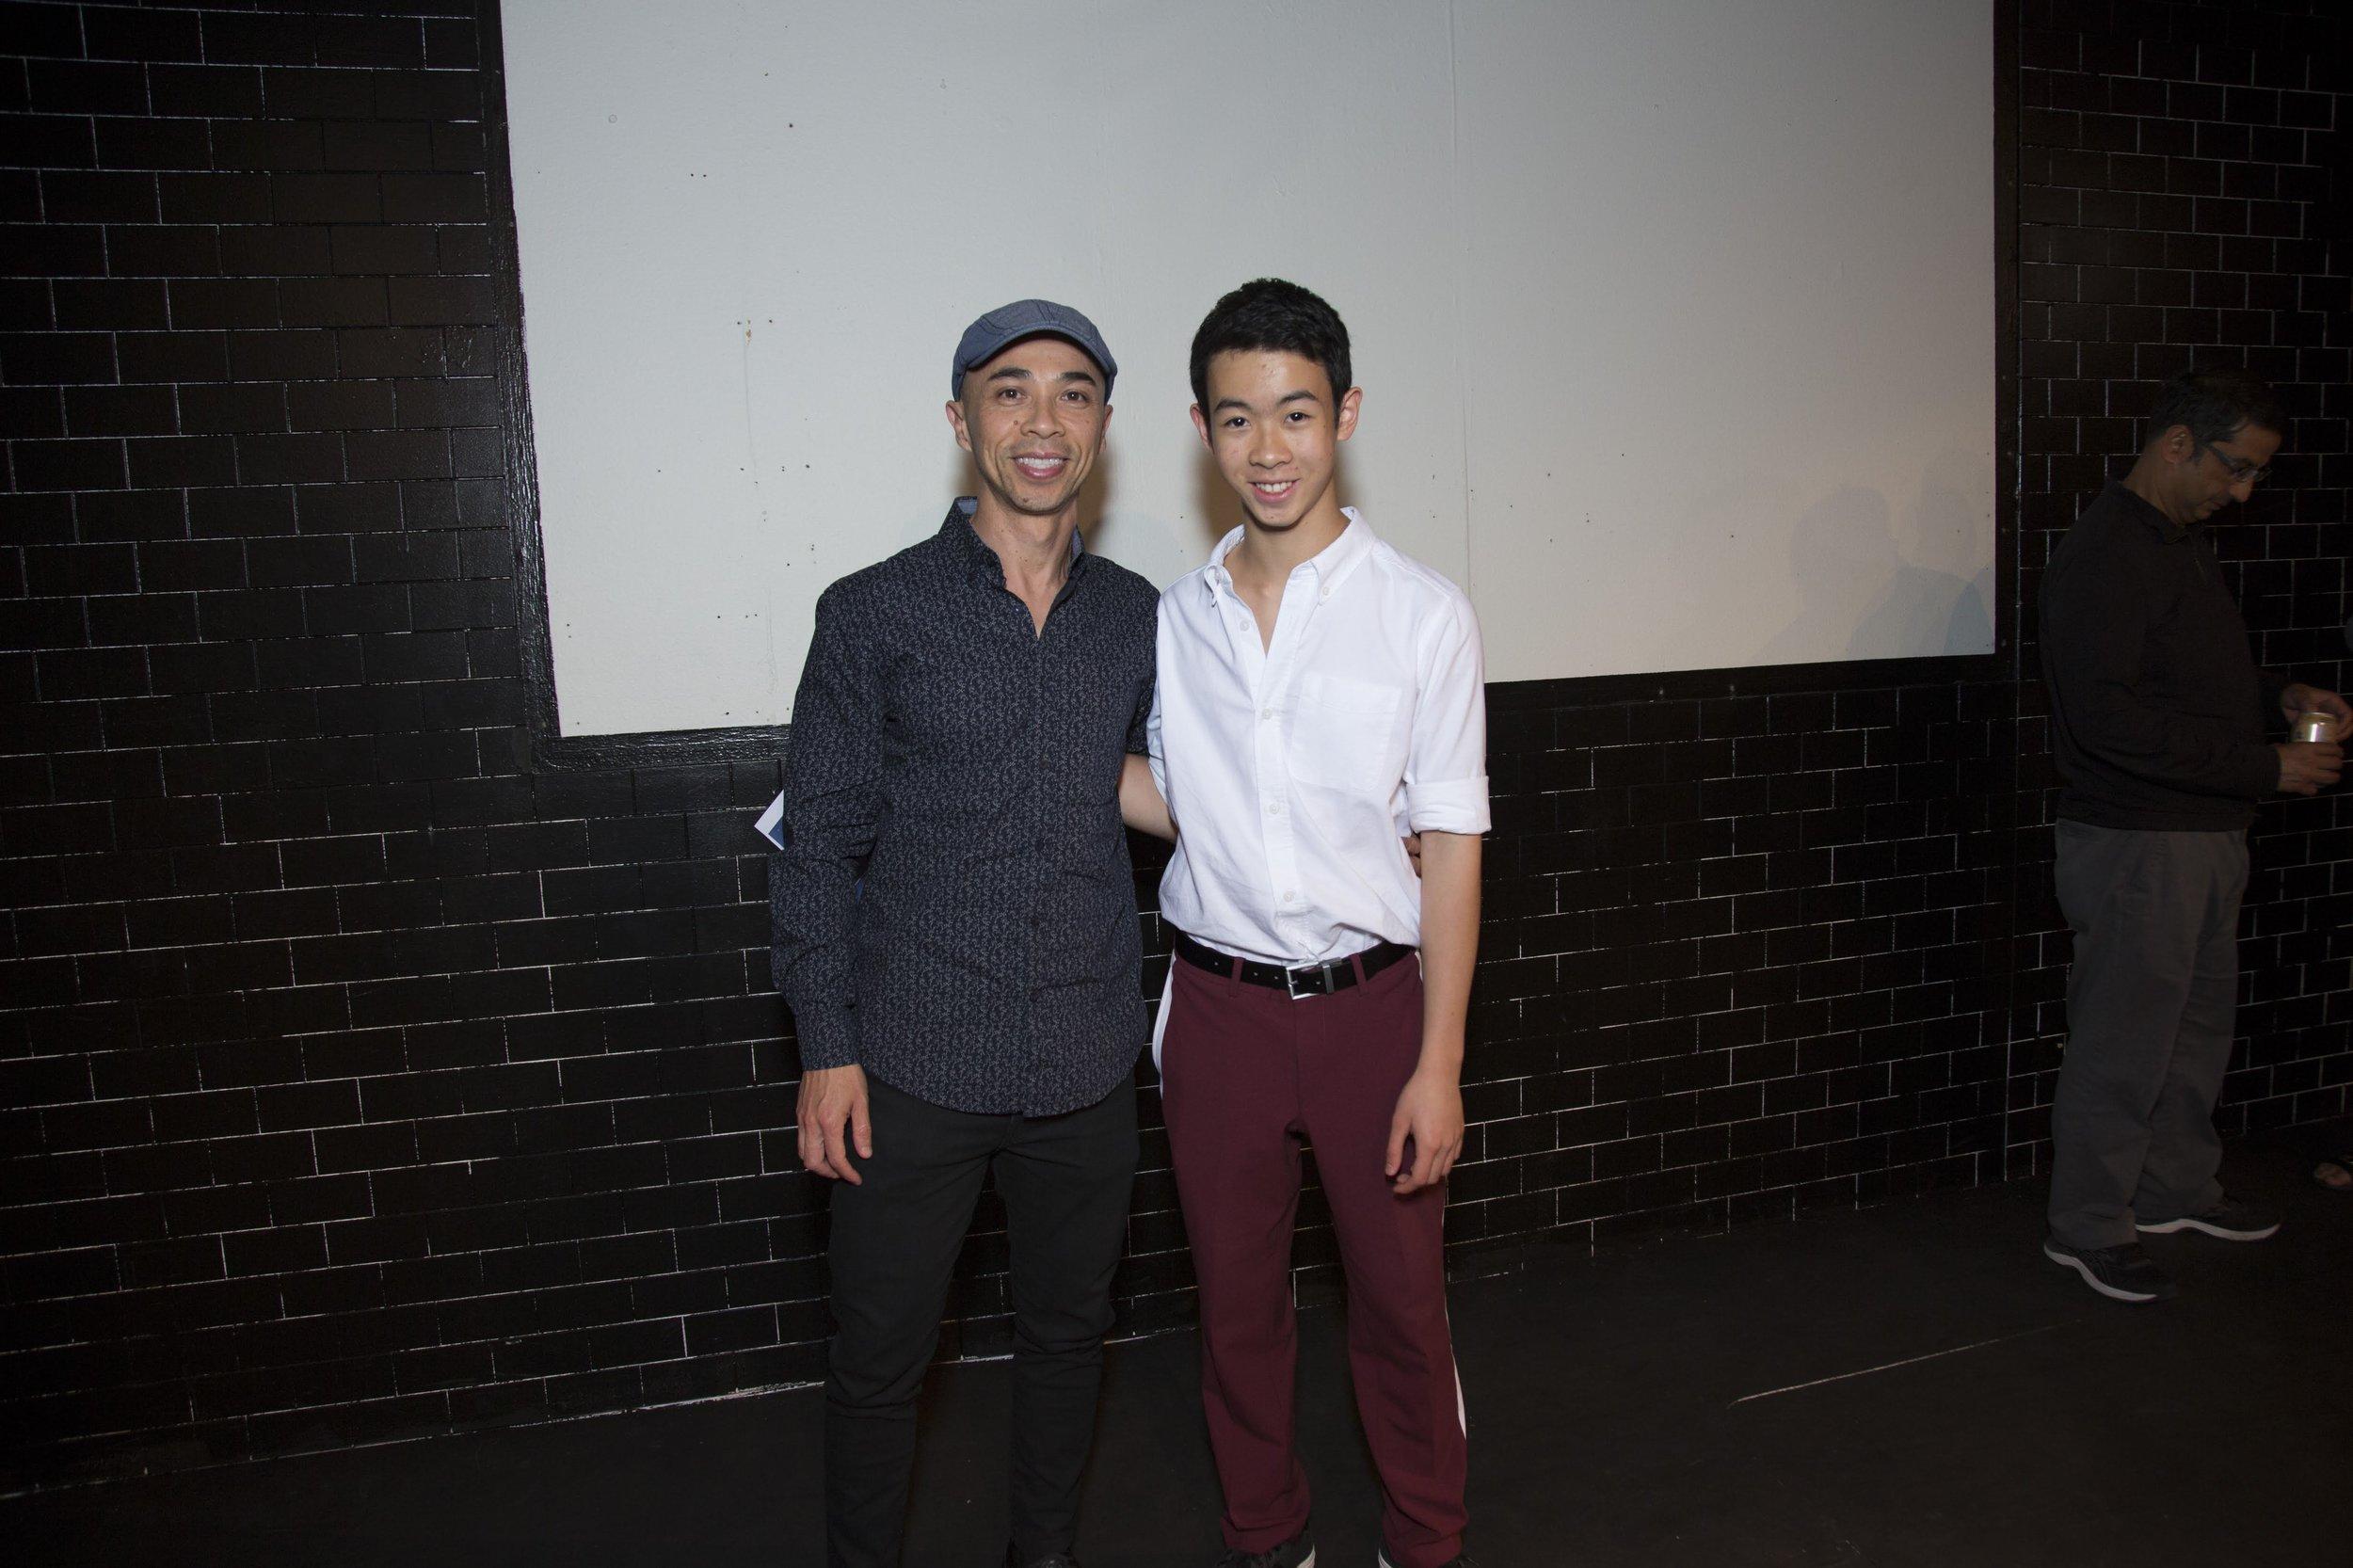 2019年FilmFestival__April 12日_42.jpg